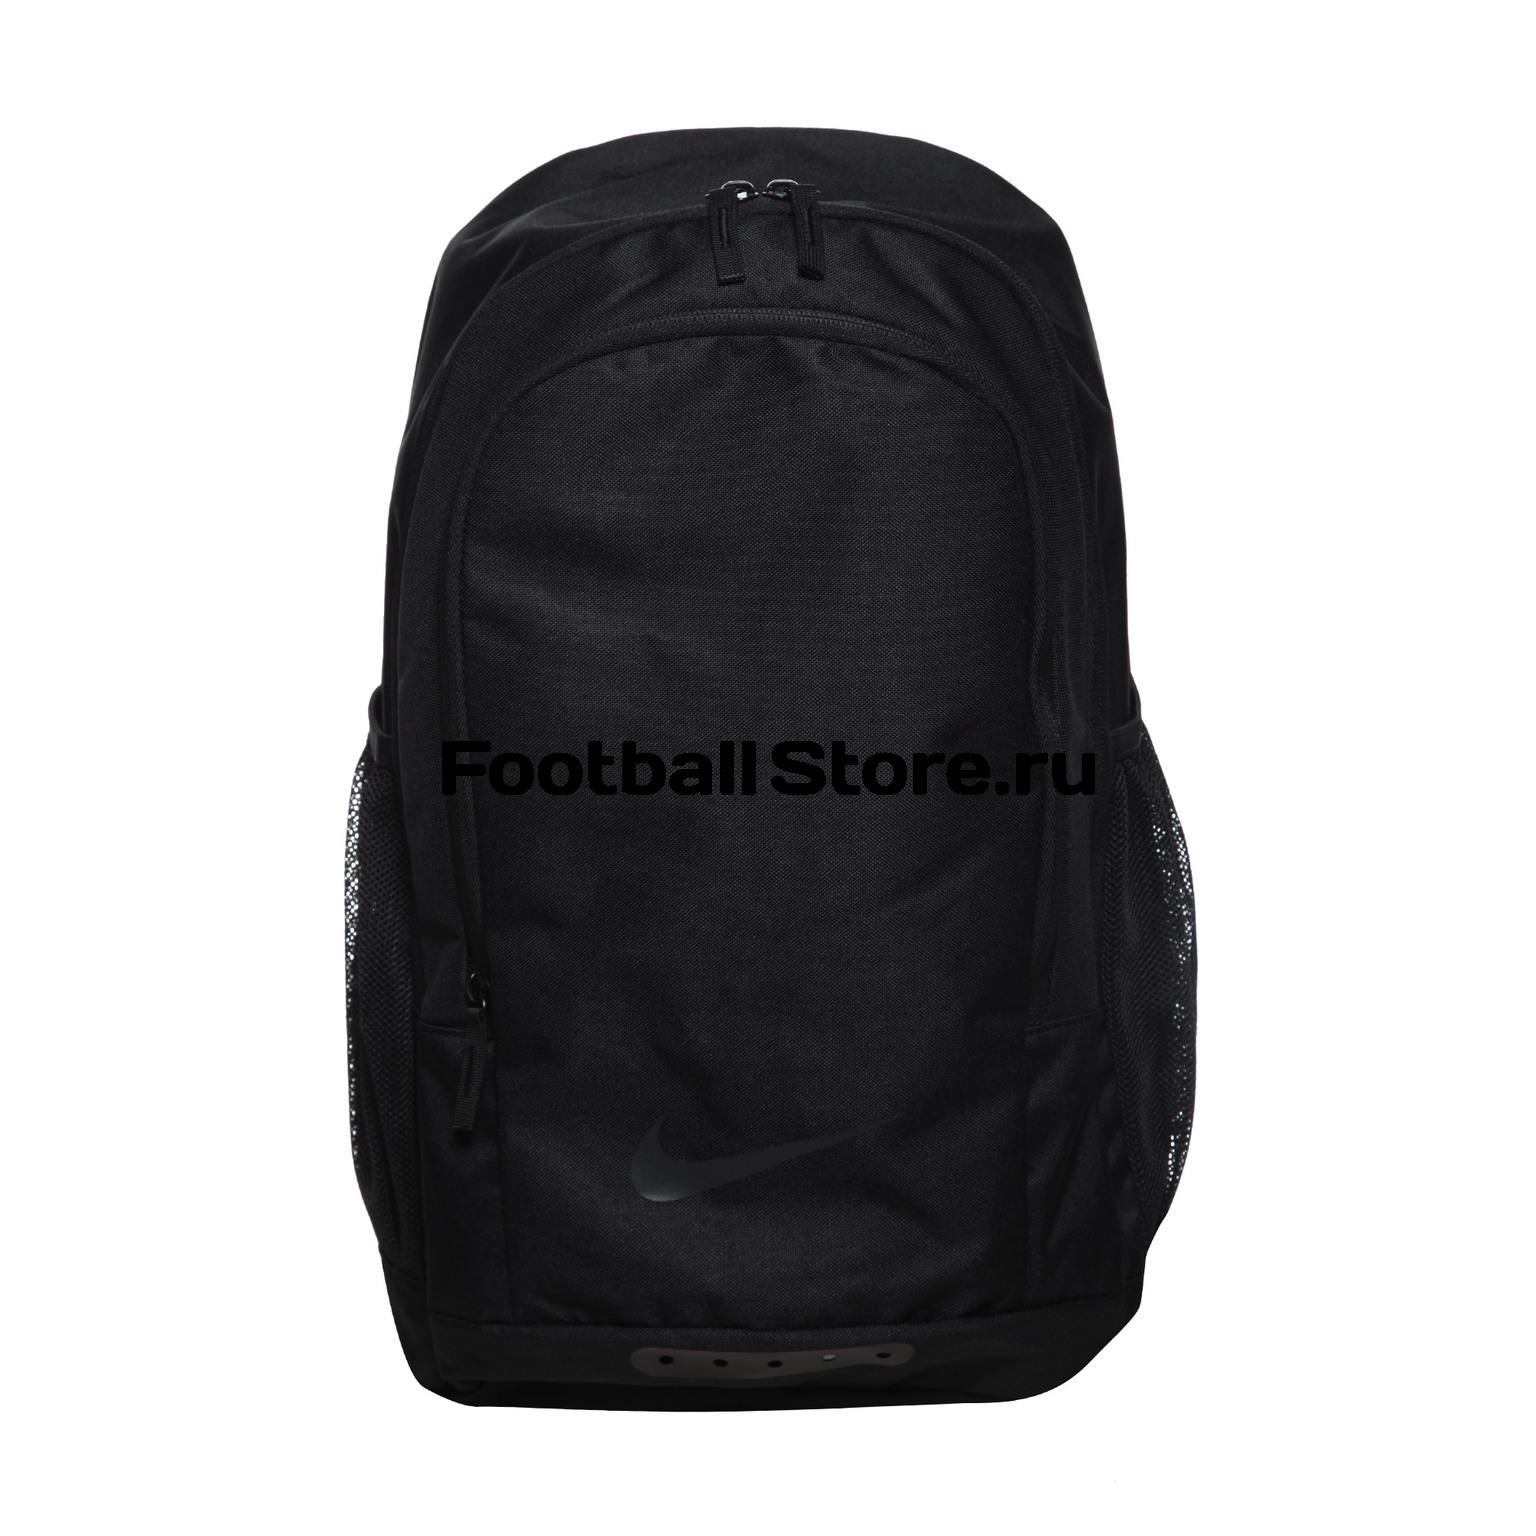 Рюкзак Nike Academy Backpack BA5427-010 – купить в интернет магазине ... 125607a31cd38